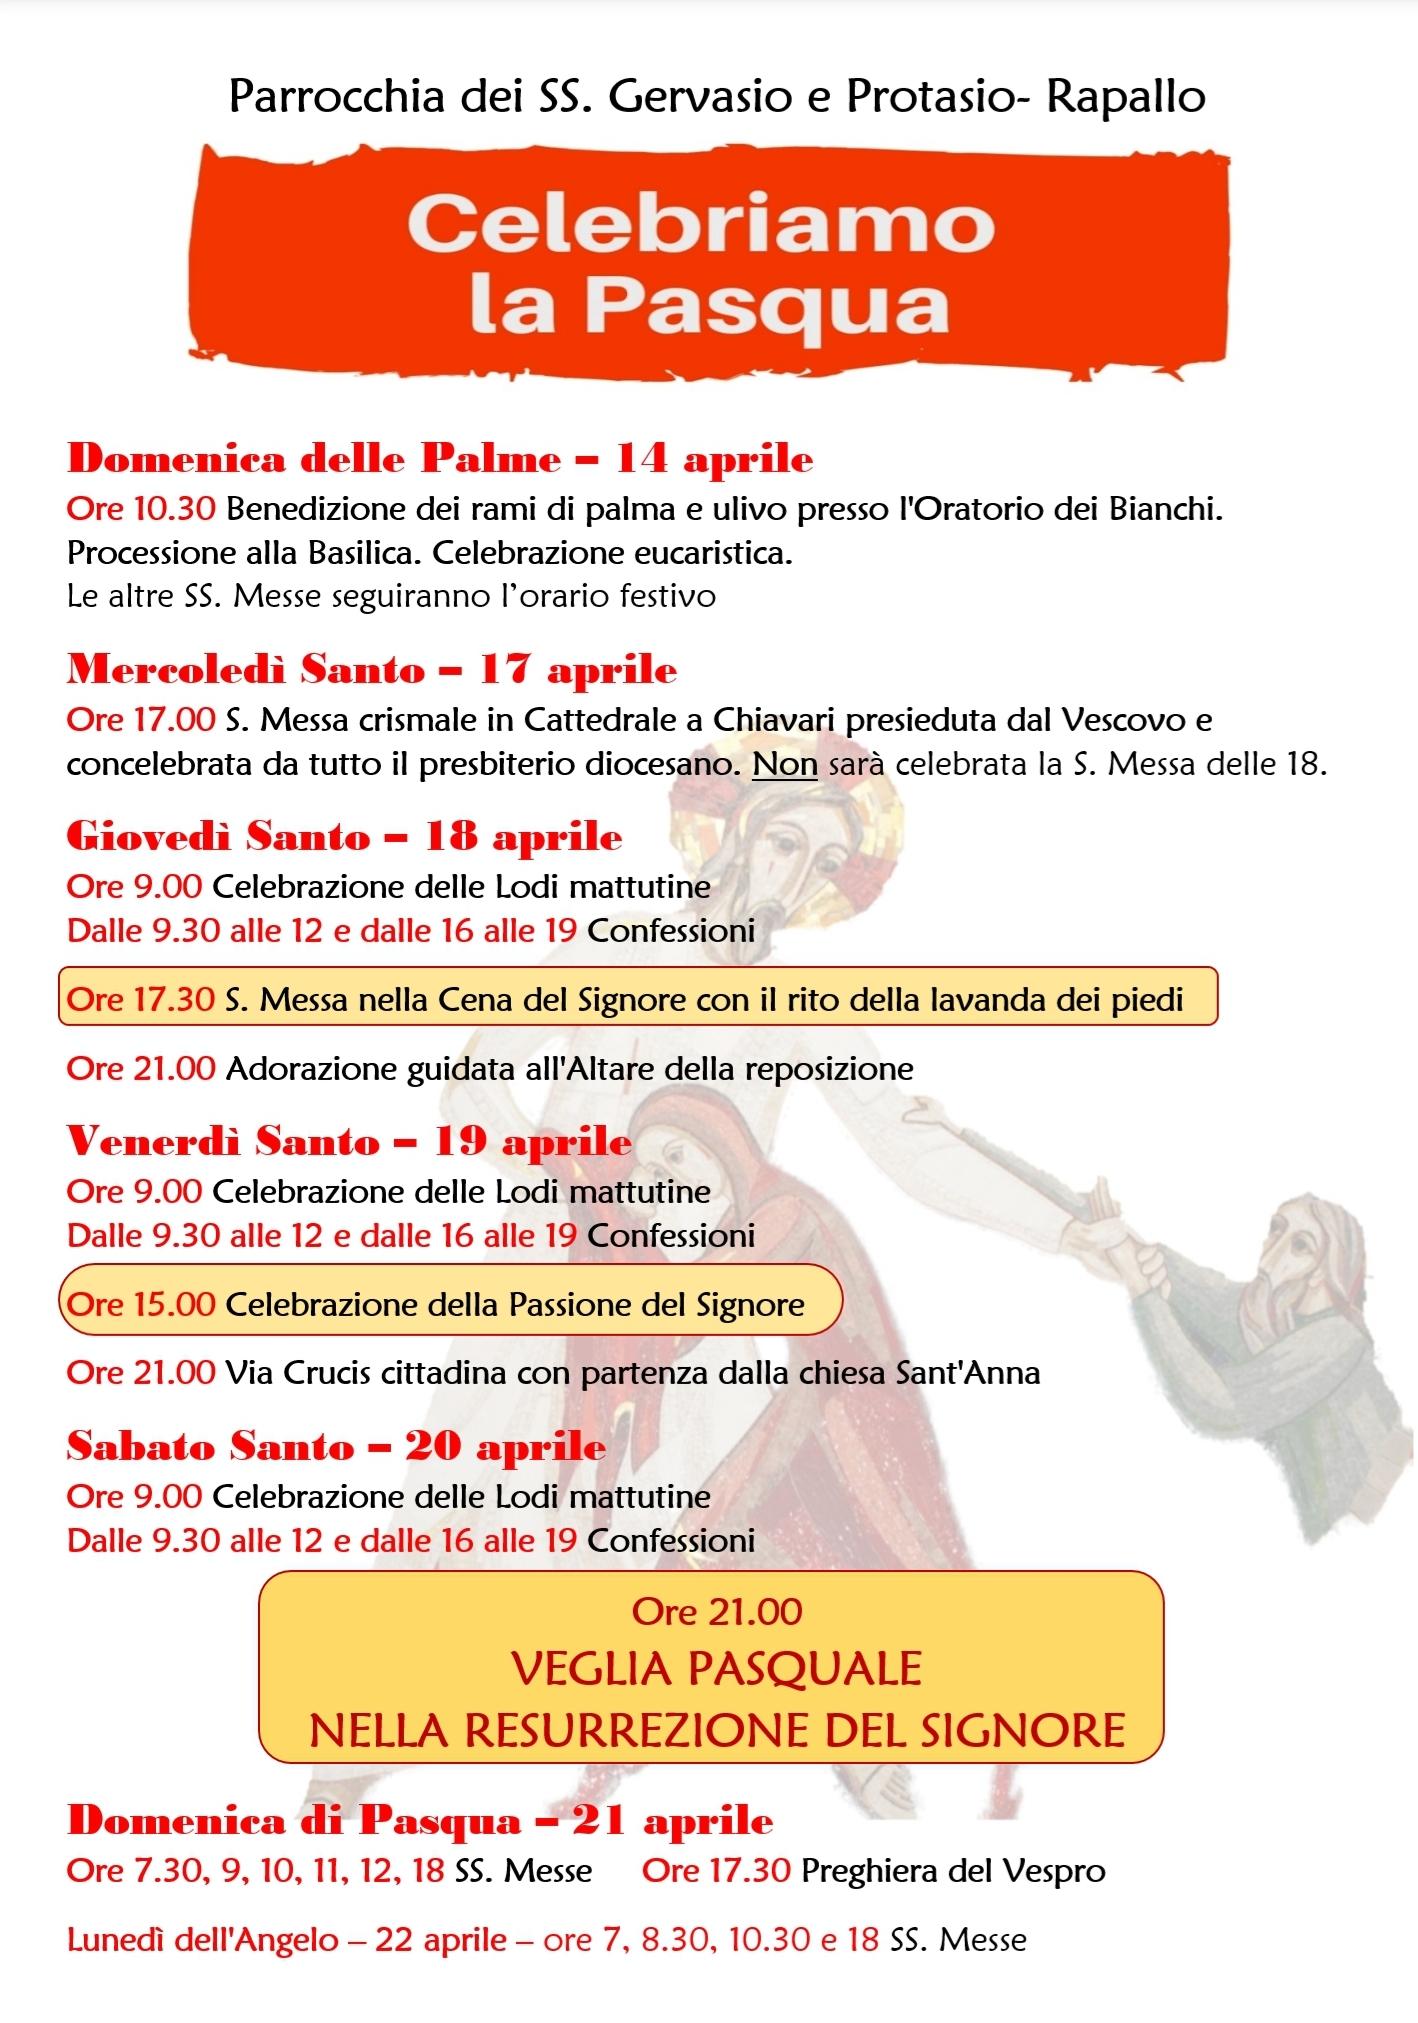 Santi Del Calendario.Calendario Delle Celebrazioni Pasquali Parrocchia Dei Santi